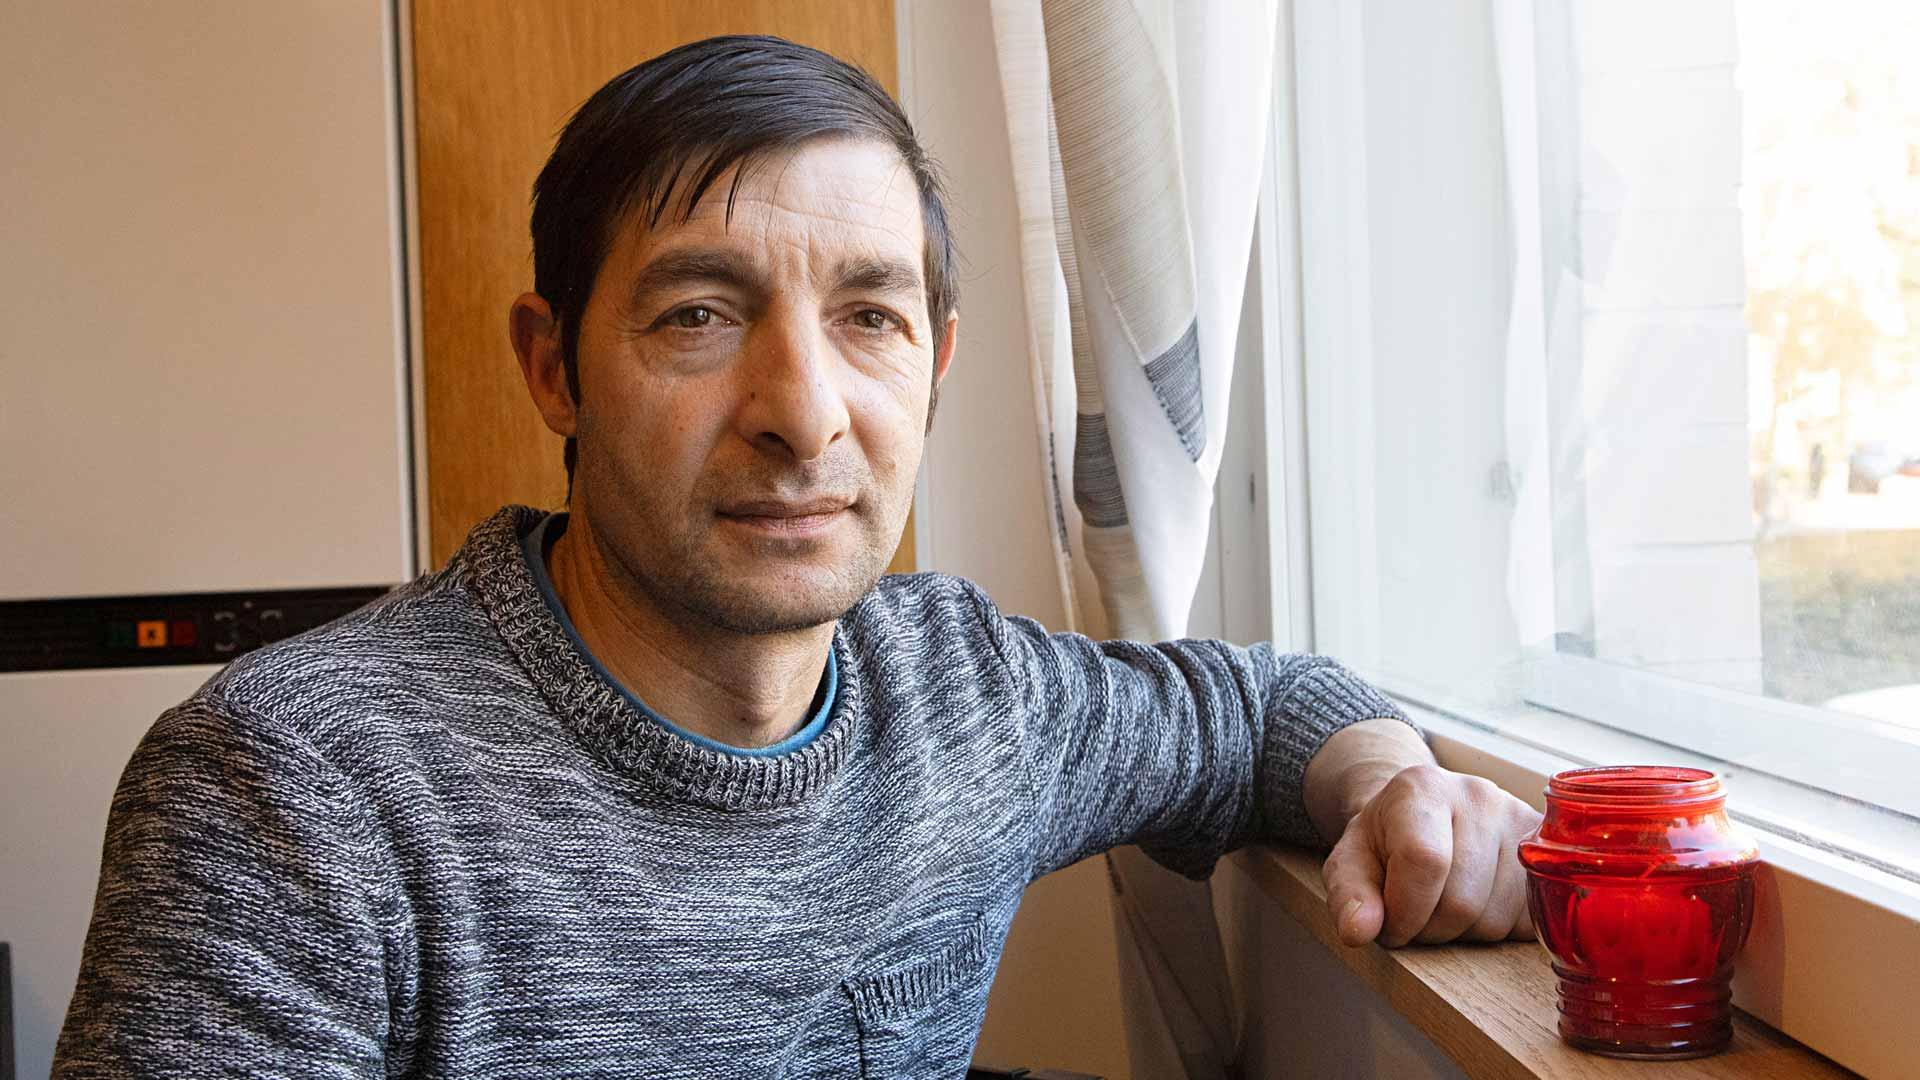 Costel on käynyt koulua ja tehnyt rakennustöitä sekä Romaniassa että Suomessa. Rakennusalankoulutusta hänellä ei ole. Suomessa palkka samasta työstä on kymmenkertainen.